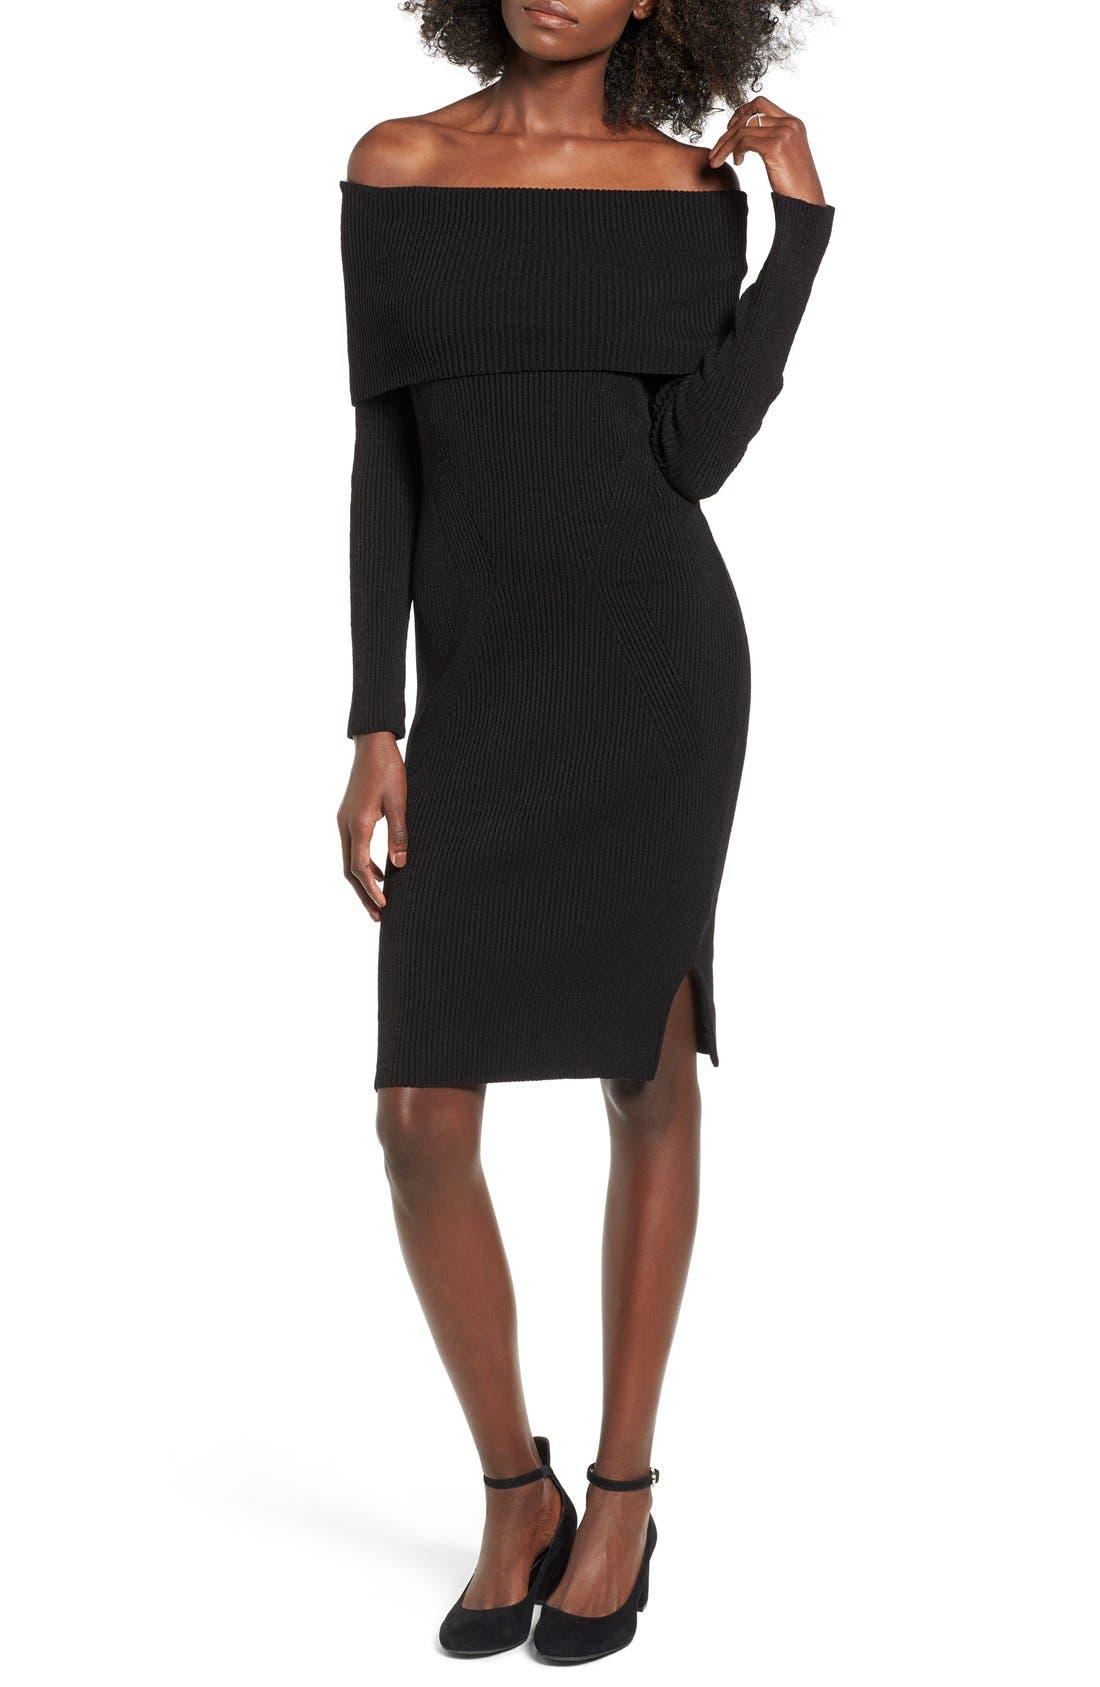 COTTON EMPORIUM Off the Shoulder Knit Body-Con Dress, Main, color, 001